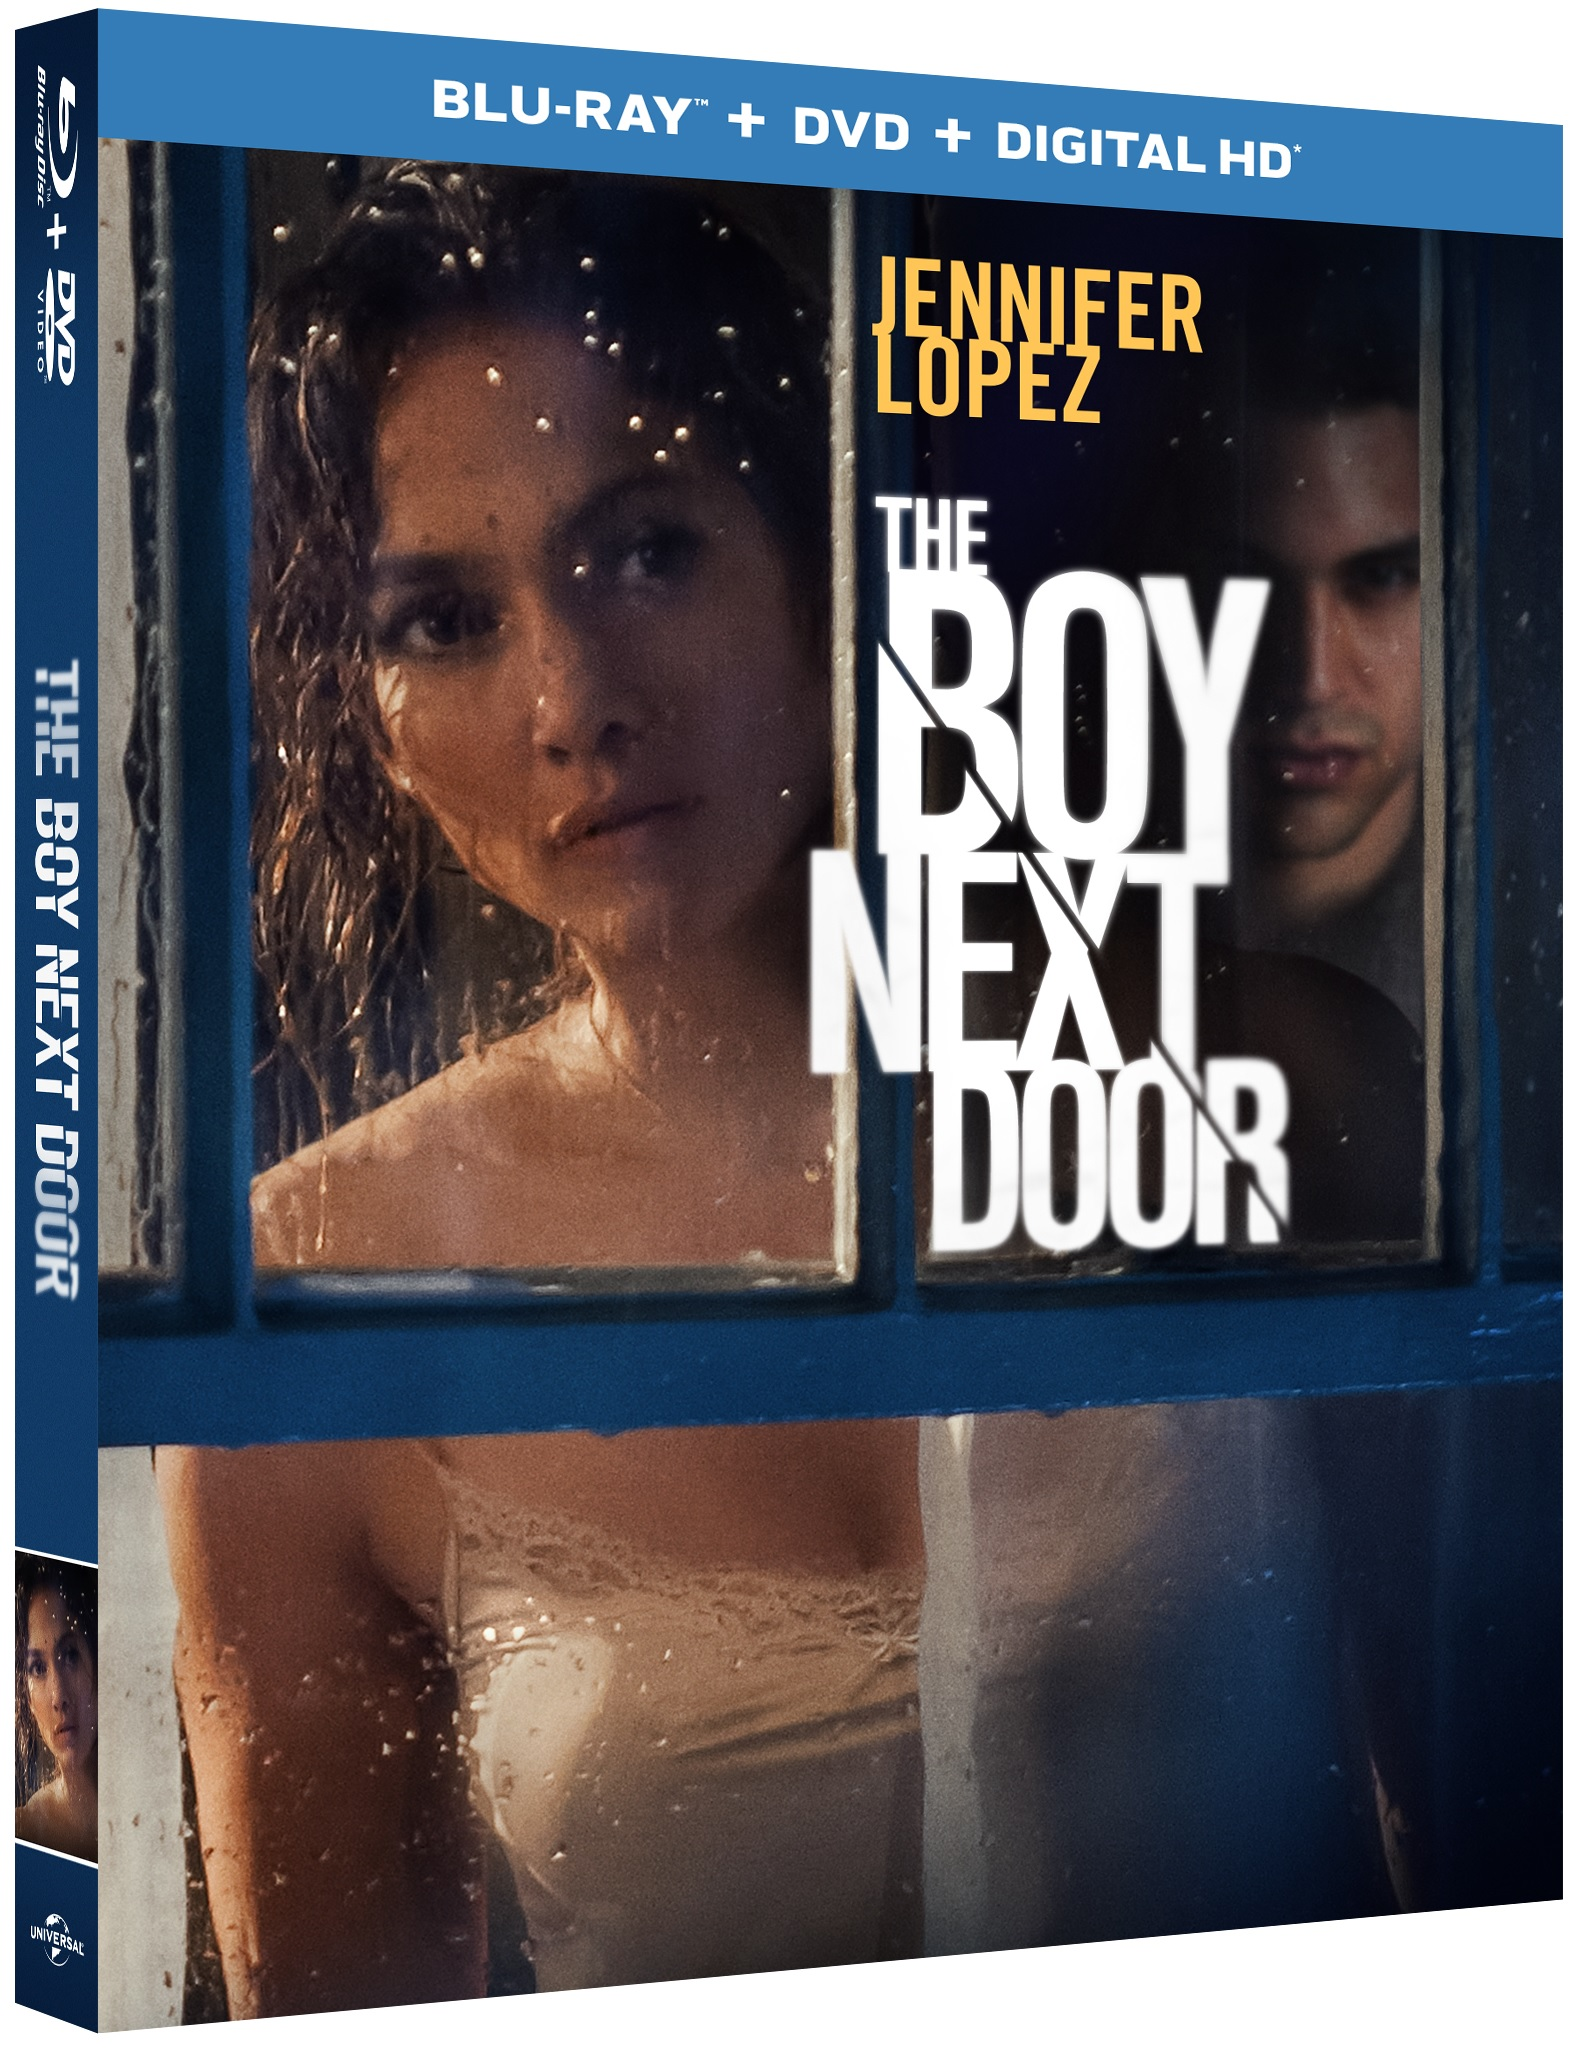 The Boy Next Door Blu-ray